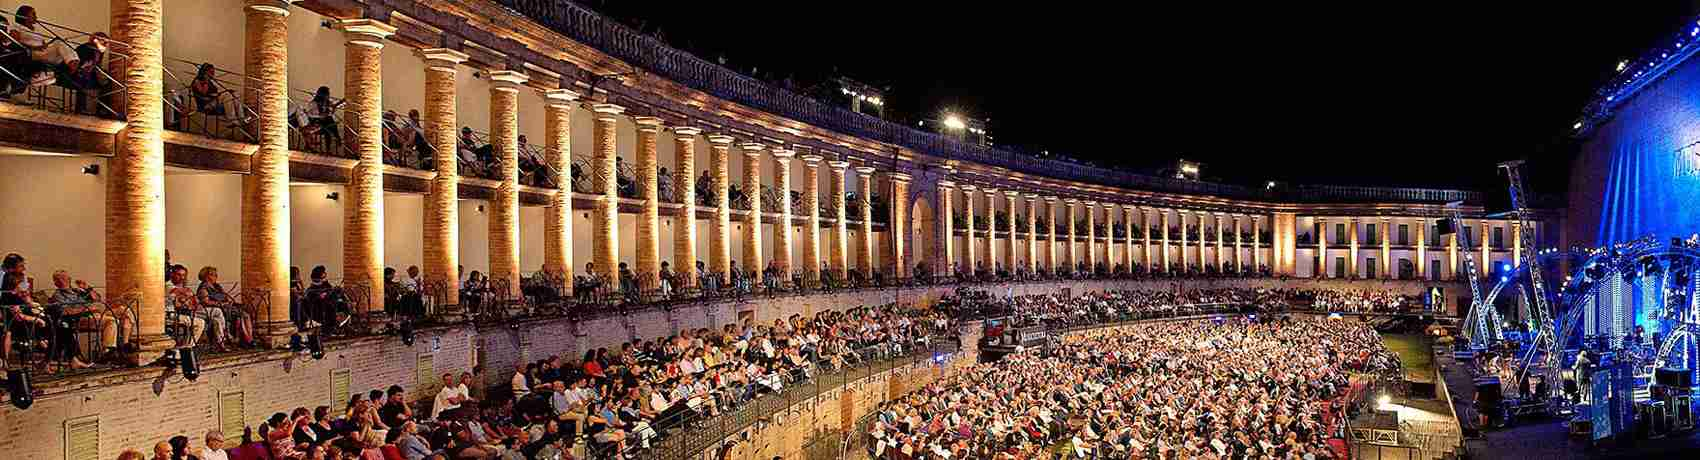 Il meraviglioso Sferisterio di Macerata. Location perfetta per una serata indimenticabile con una escort Macerata.